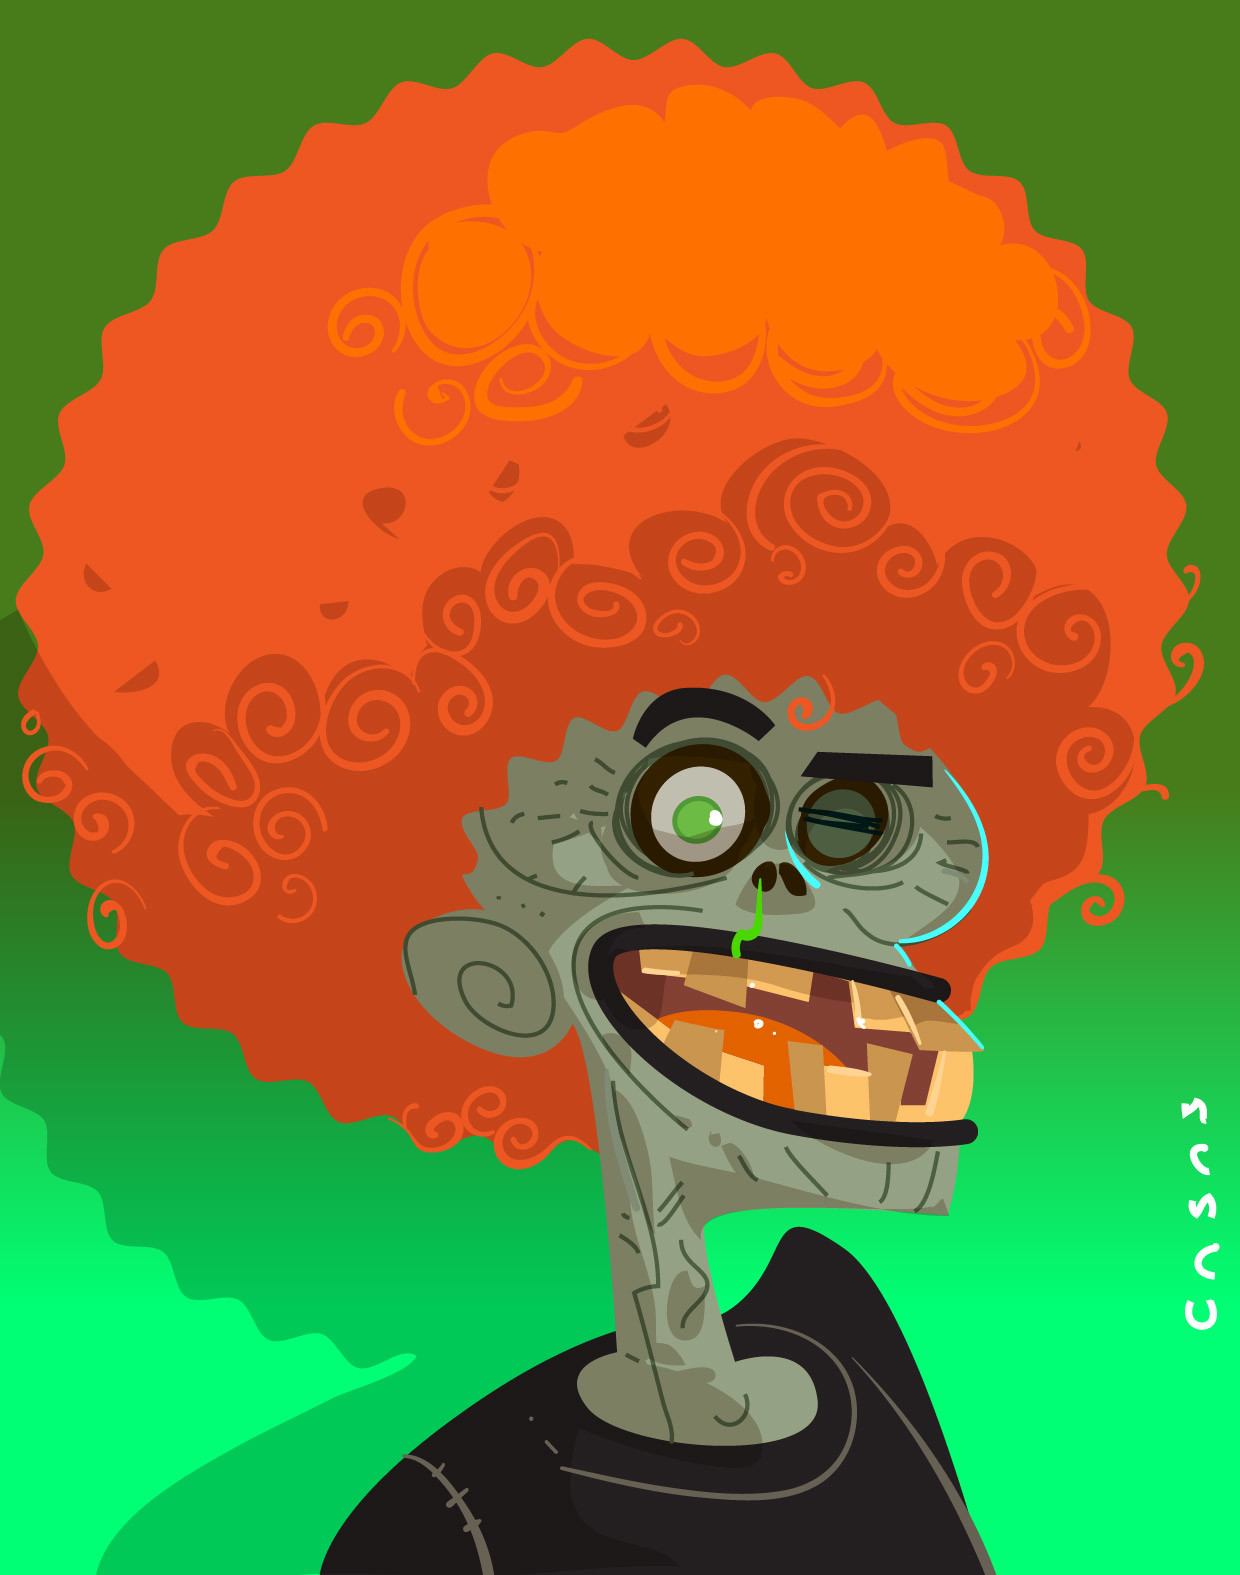 Guillermo casas zombiegroovie 01